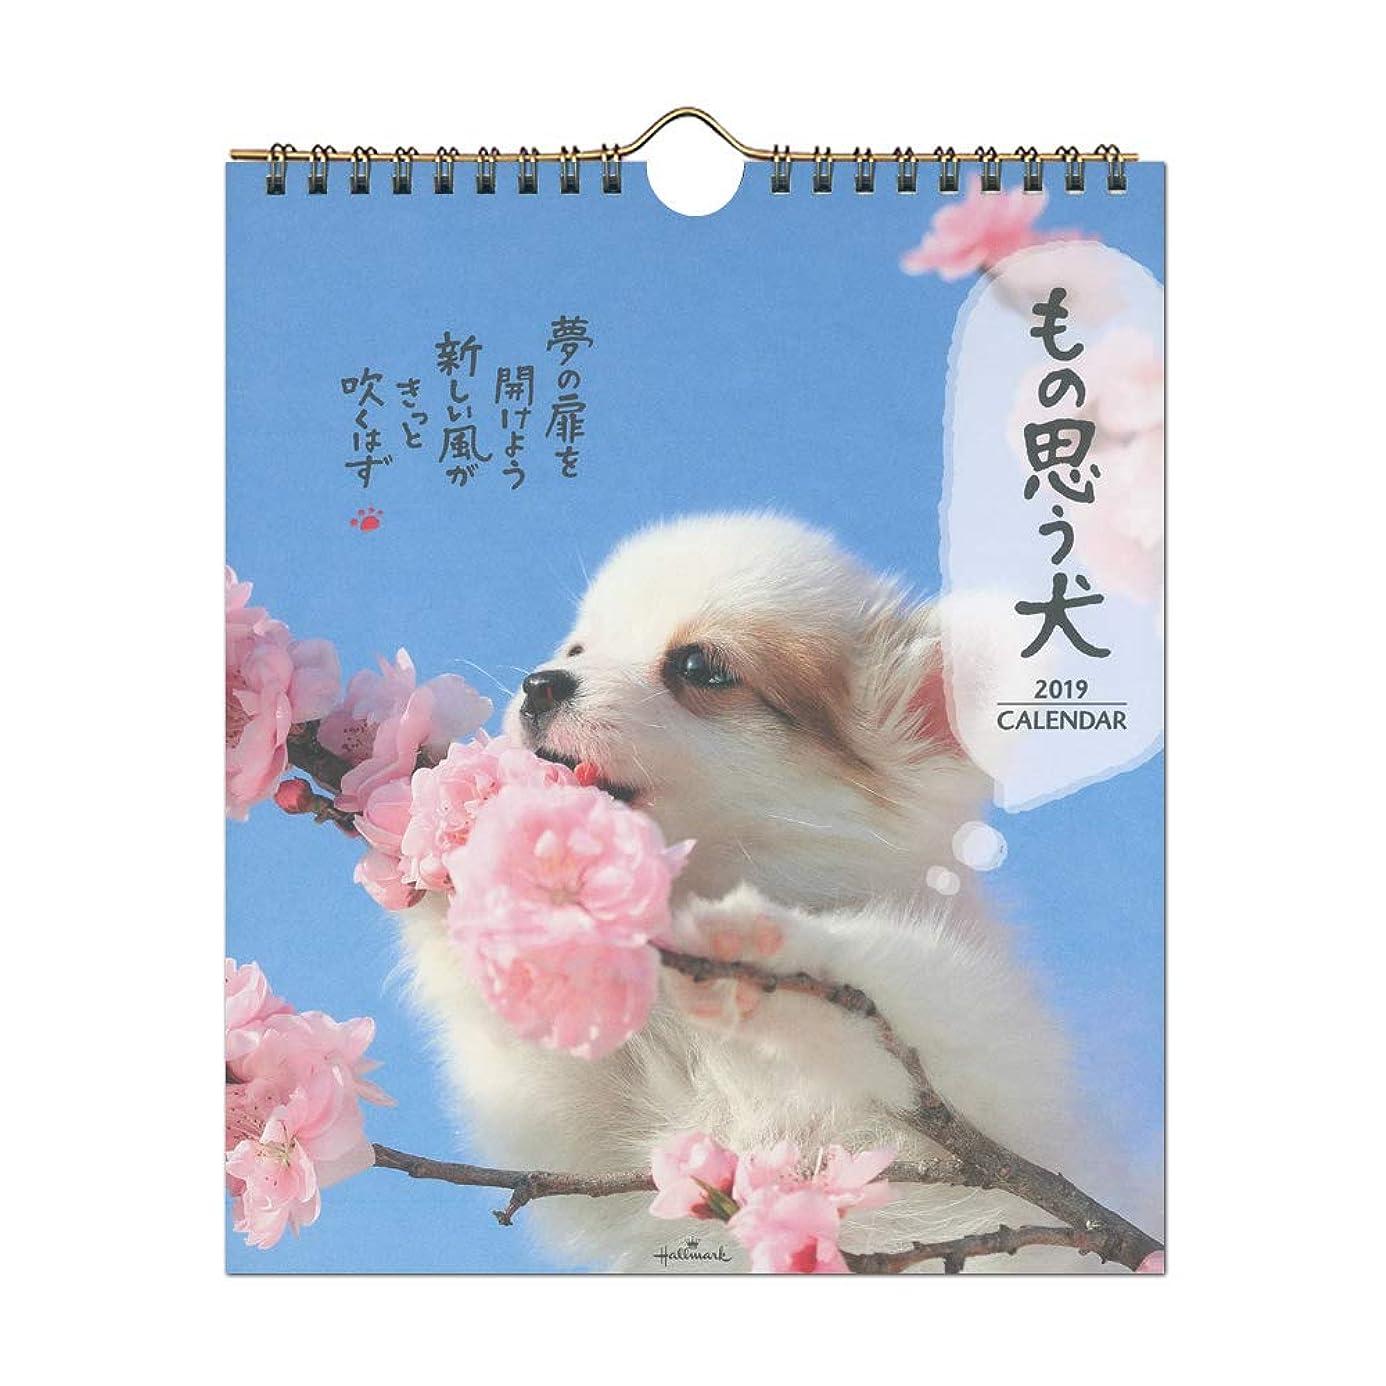 連隊民間人軍日本ホールマーク もの思う犬 2019年 カレンダー 壁掛け 小 743888